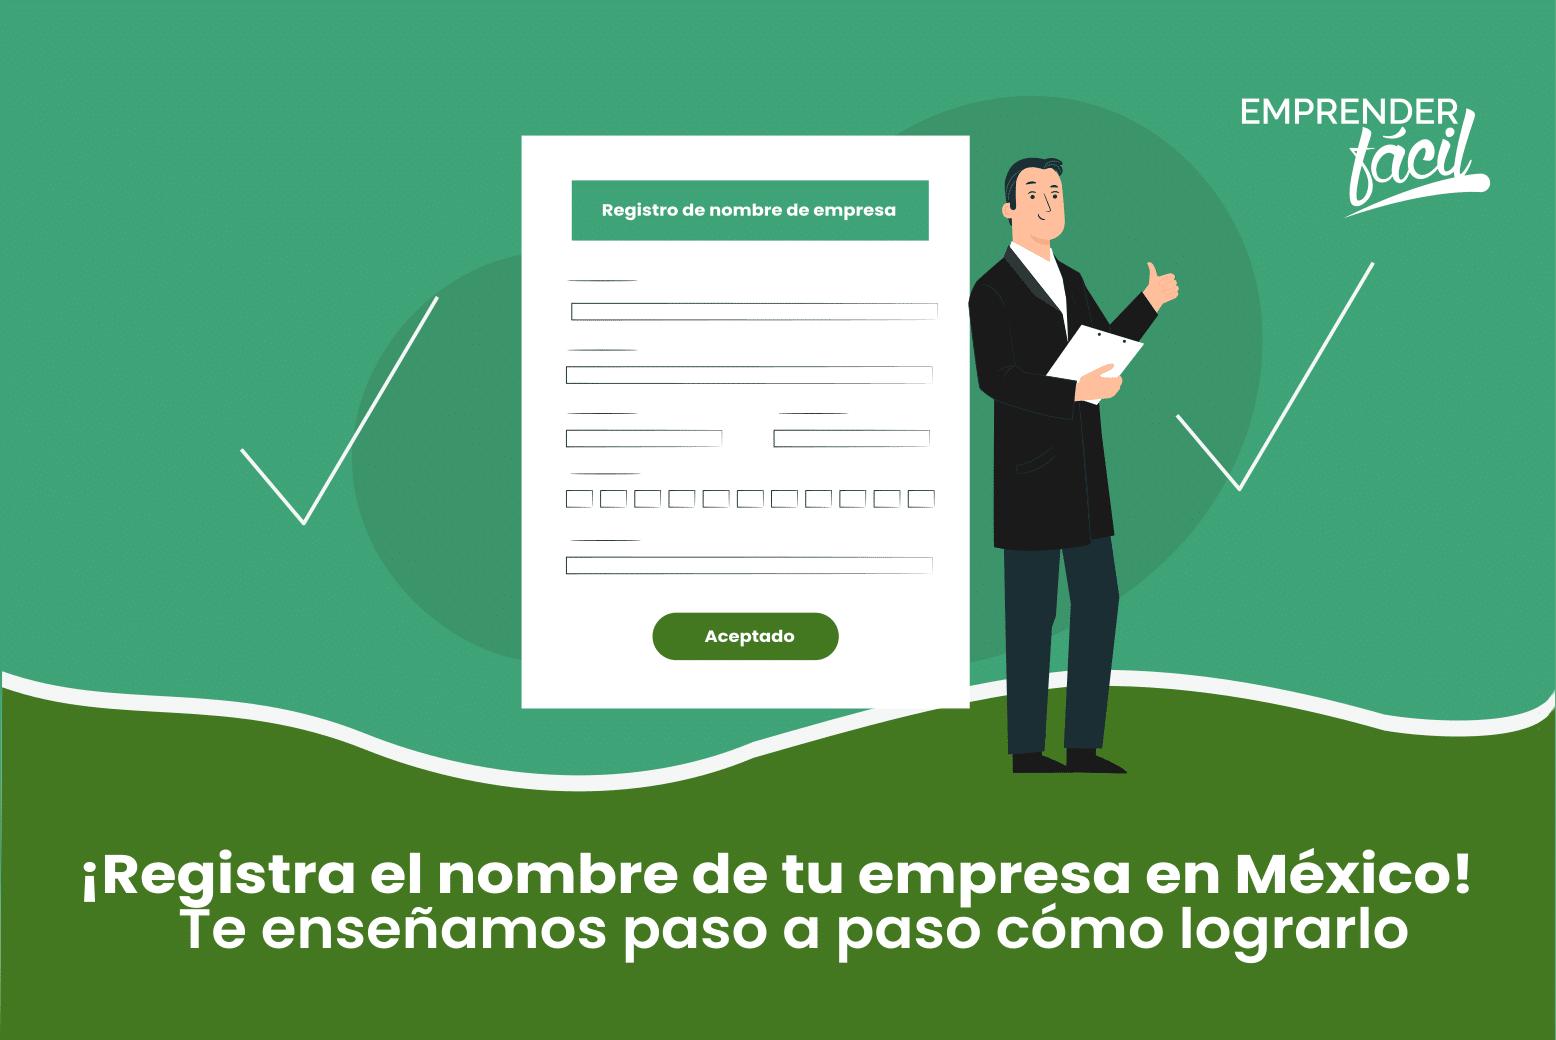 ¿Cómo registrar el nombre de una empresa en México?